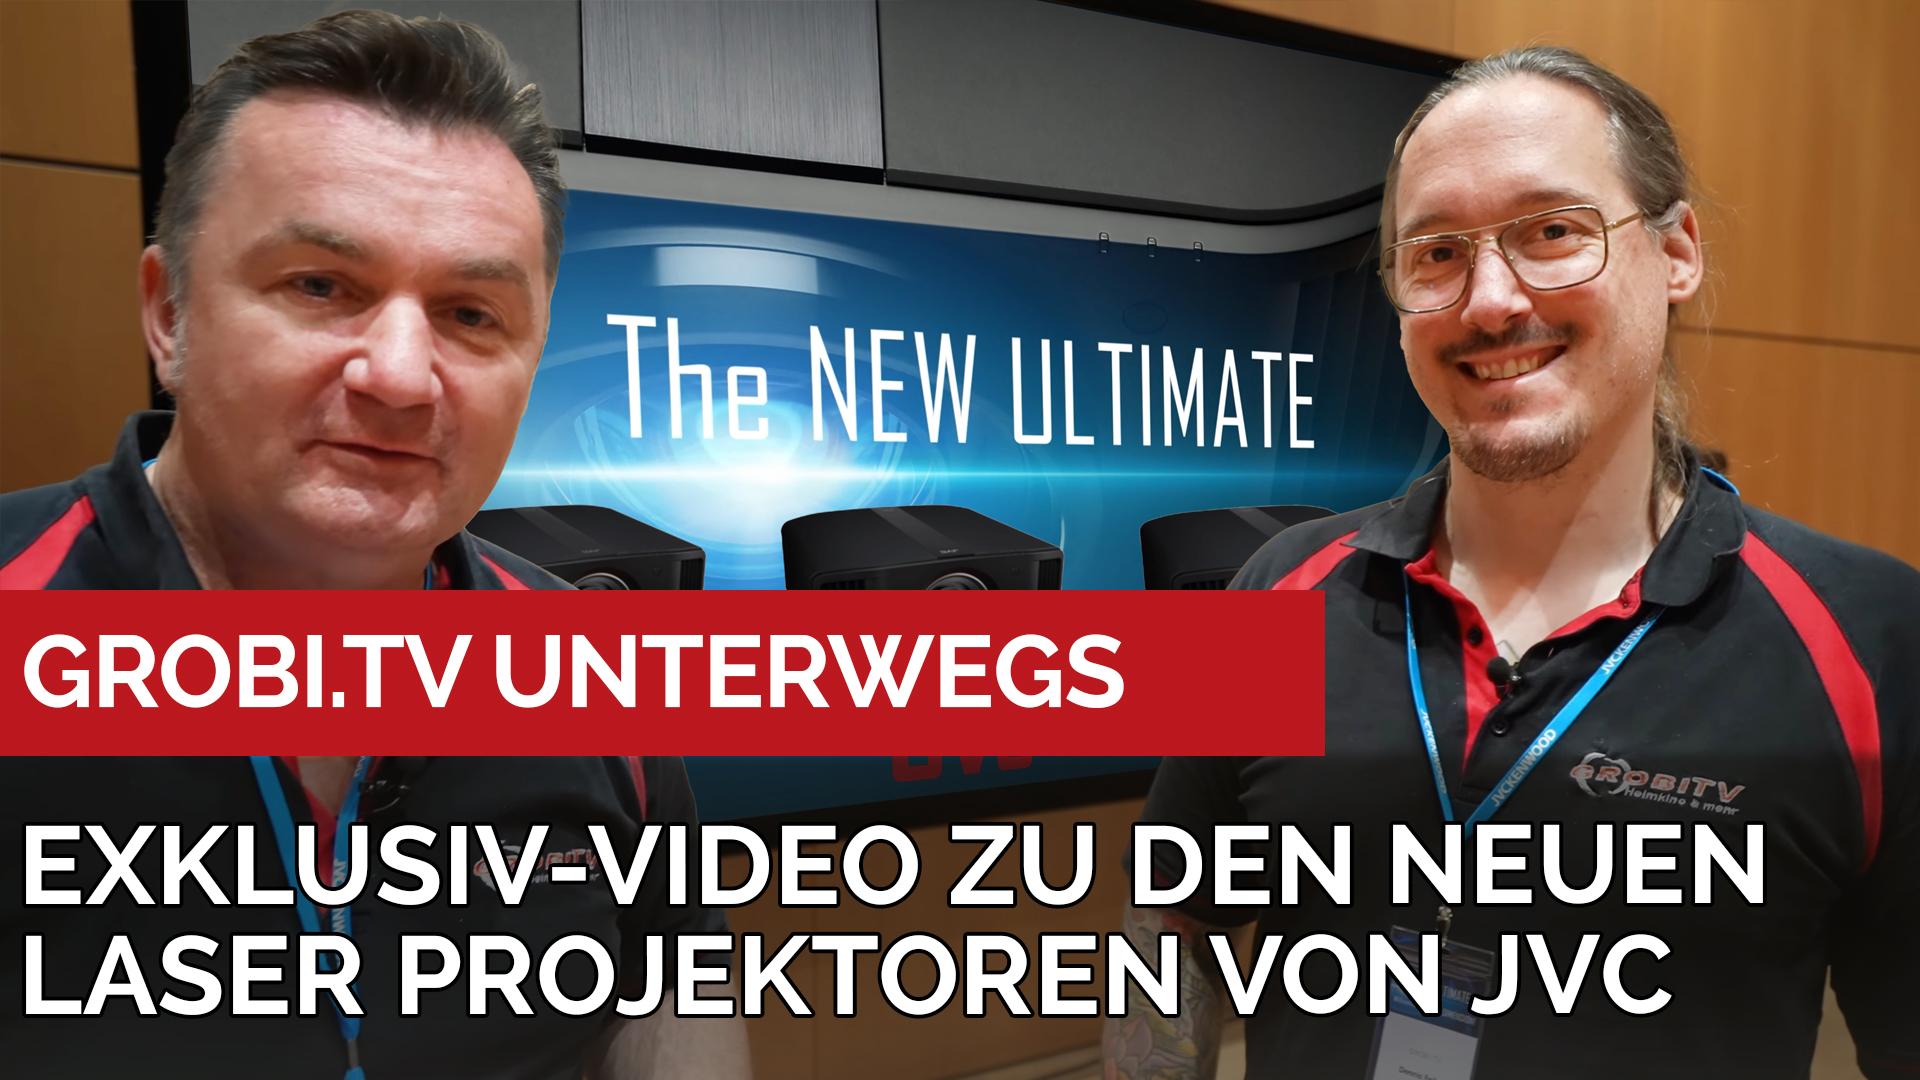 YouTube-Vorschaubild-Produktvorstellung-JVC-09-2021